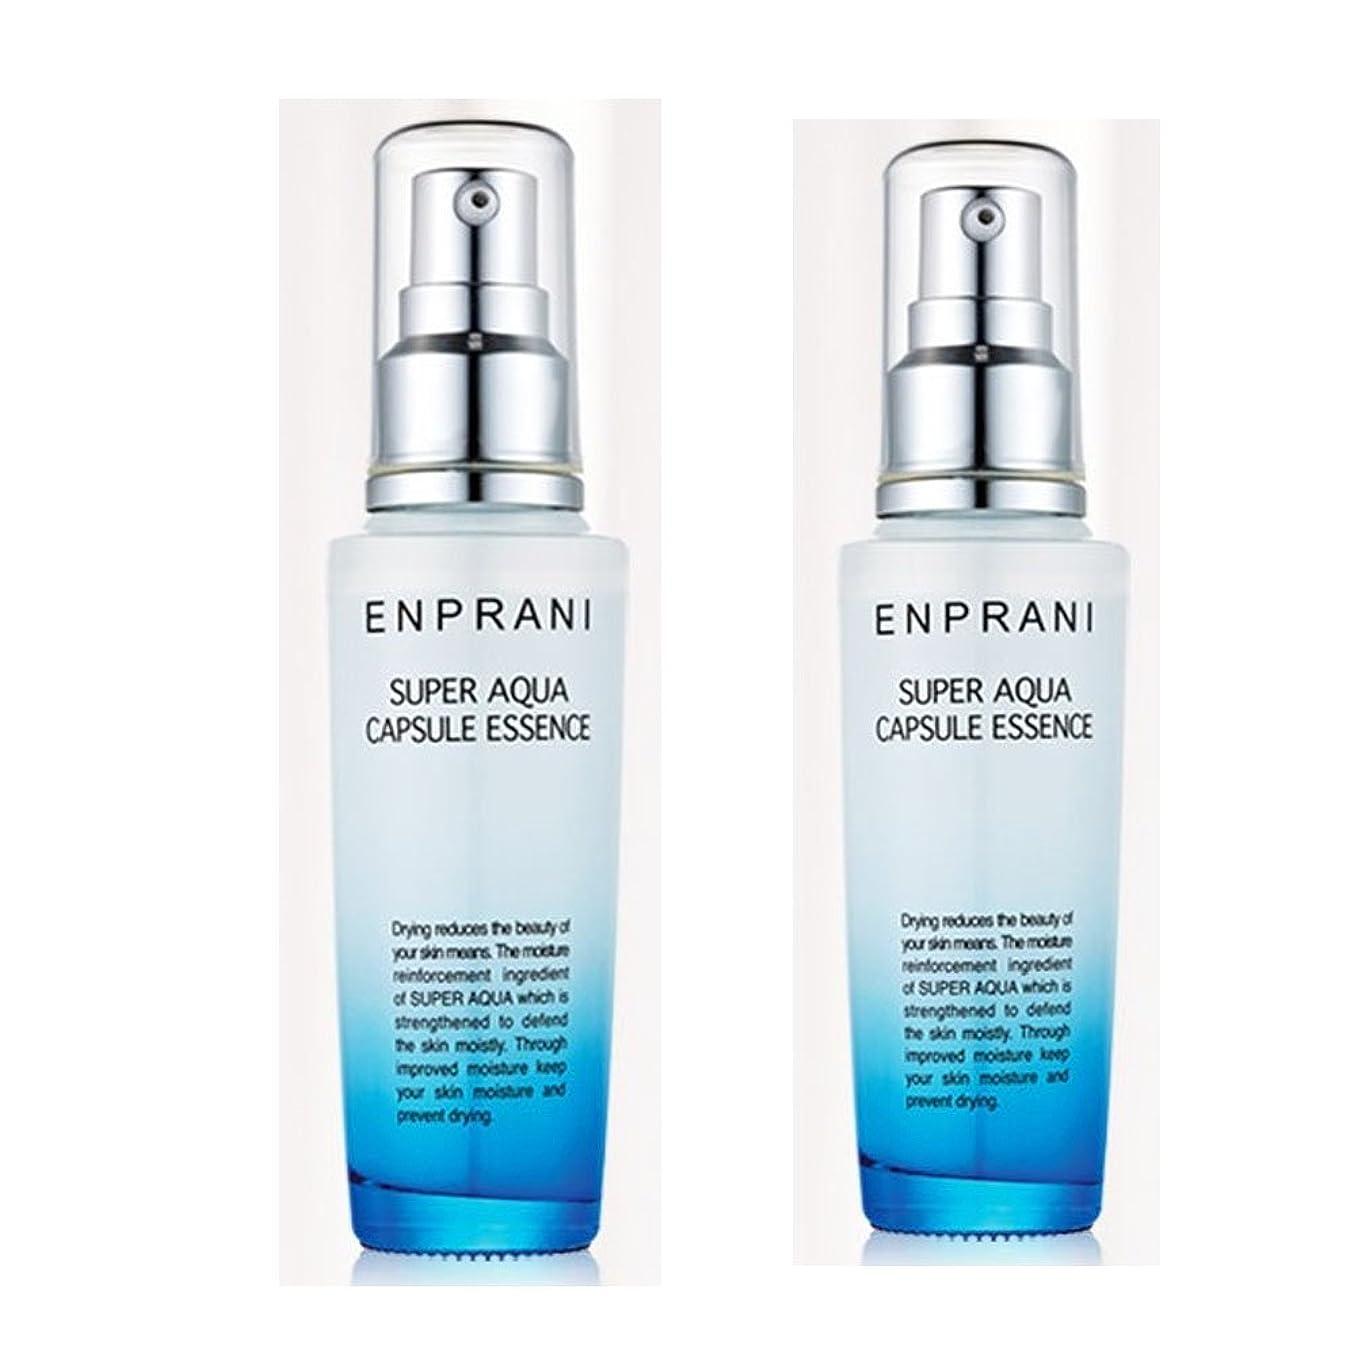 ラボ決定好意的エンプラニ(ENPRANI) スーパーアクアカプセルエッセンス55ml x 2本セット、ENPRANI Super Aqua Capsule Essence 55ml x 2ea Set [並行輸入品]